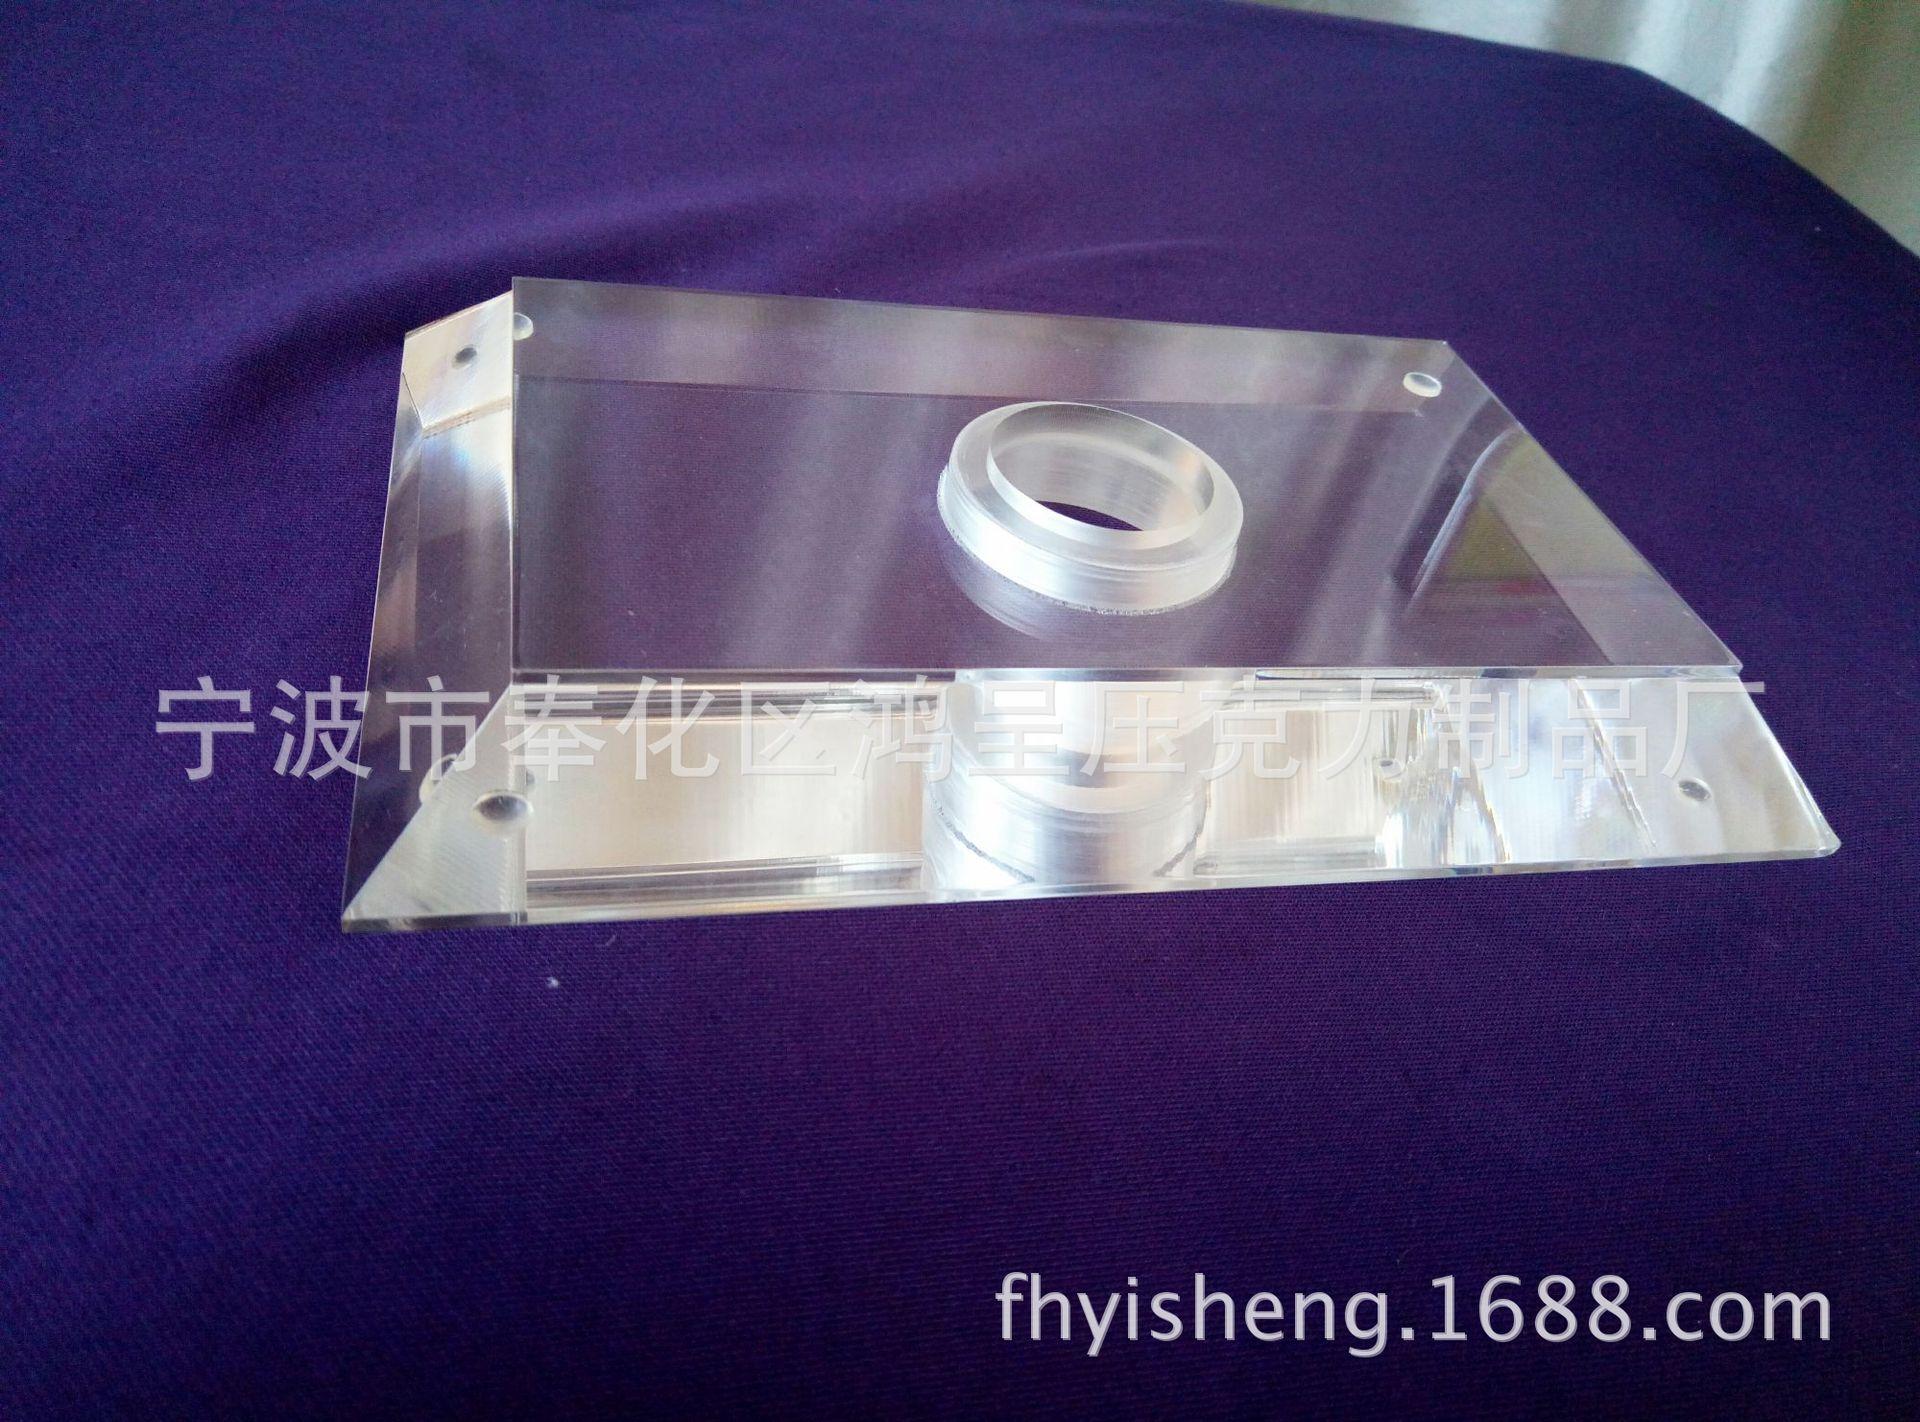 压克力灯具展示架 亚克力厚方块展架 宁波鸿呈 可定制款式和尺寸